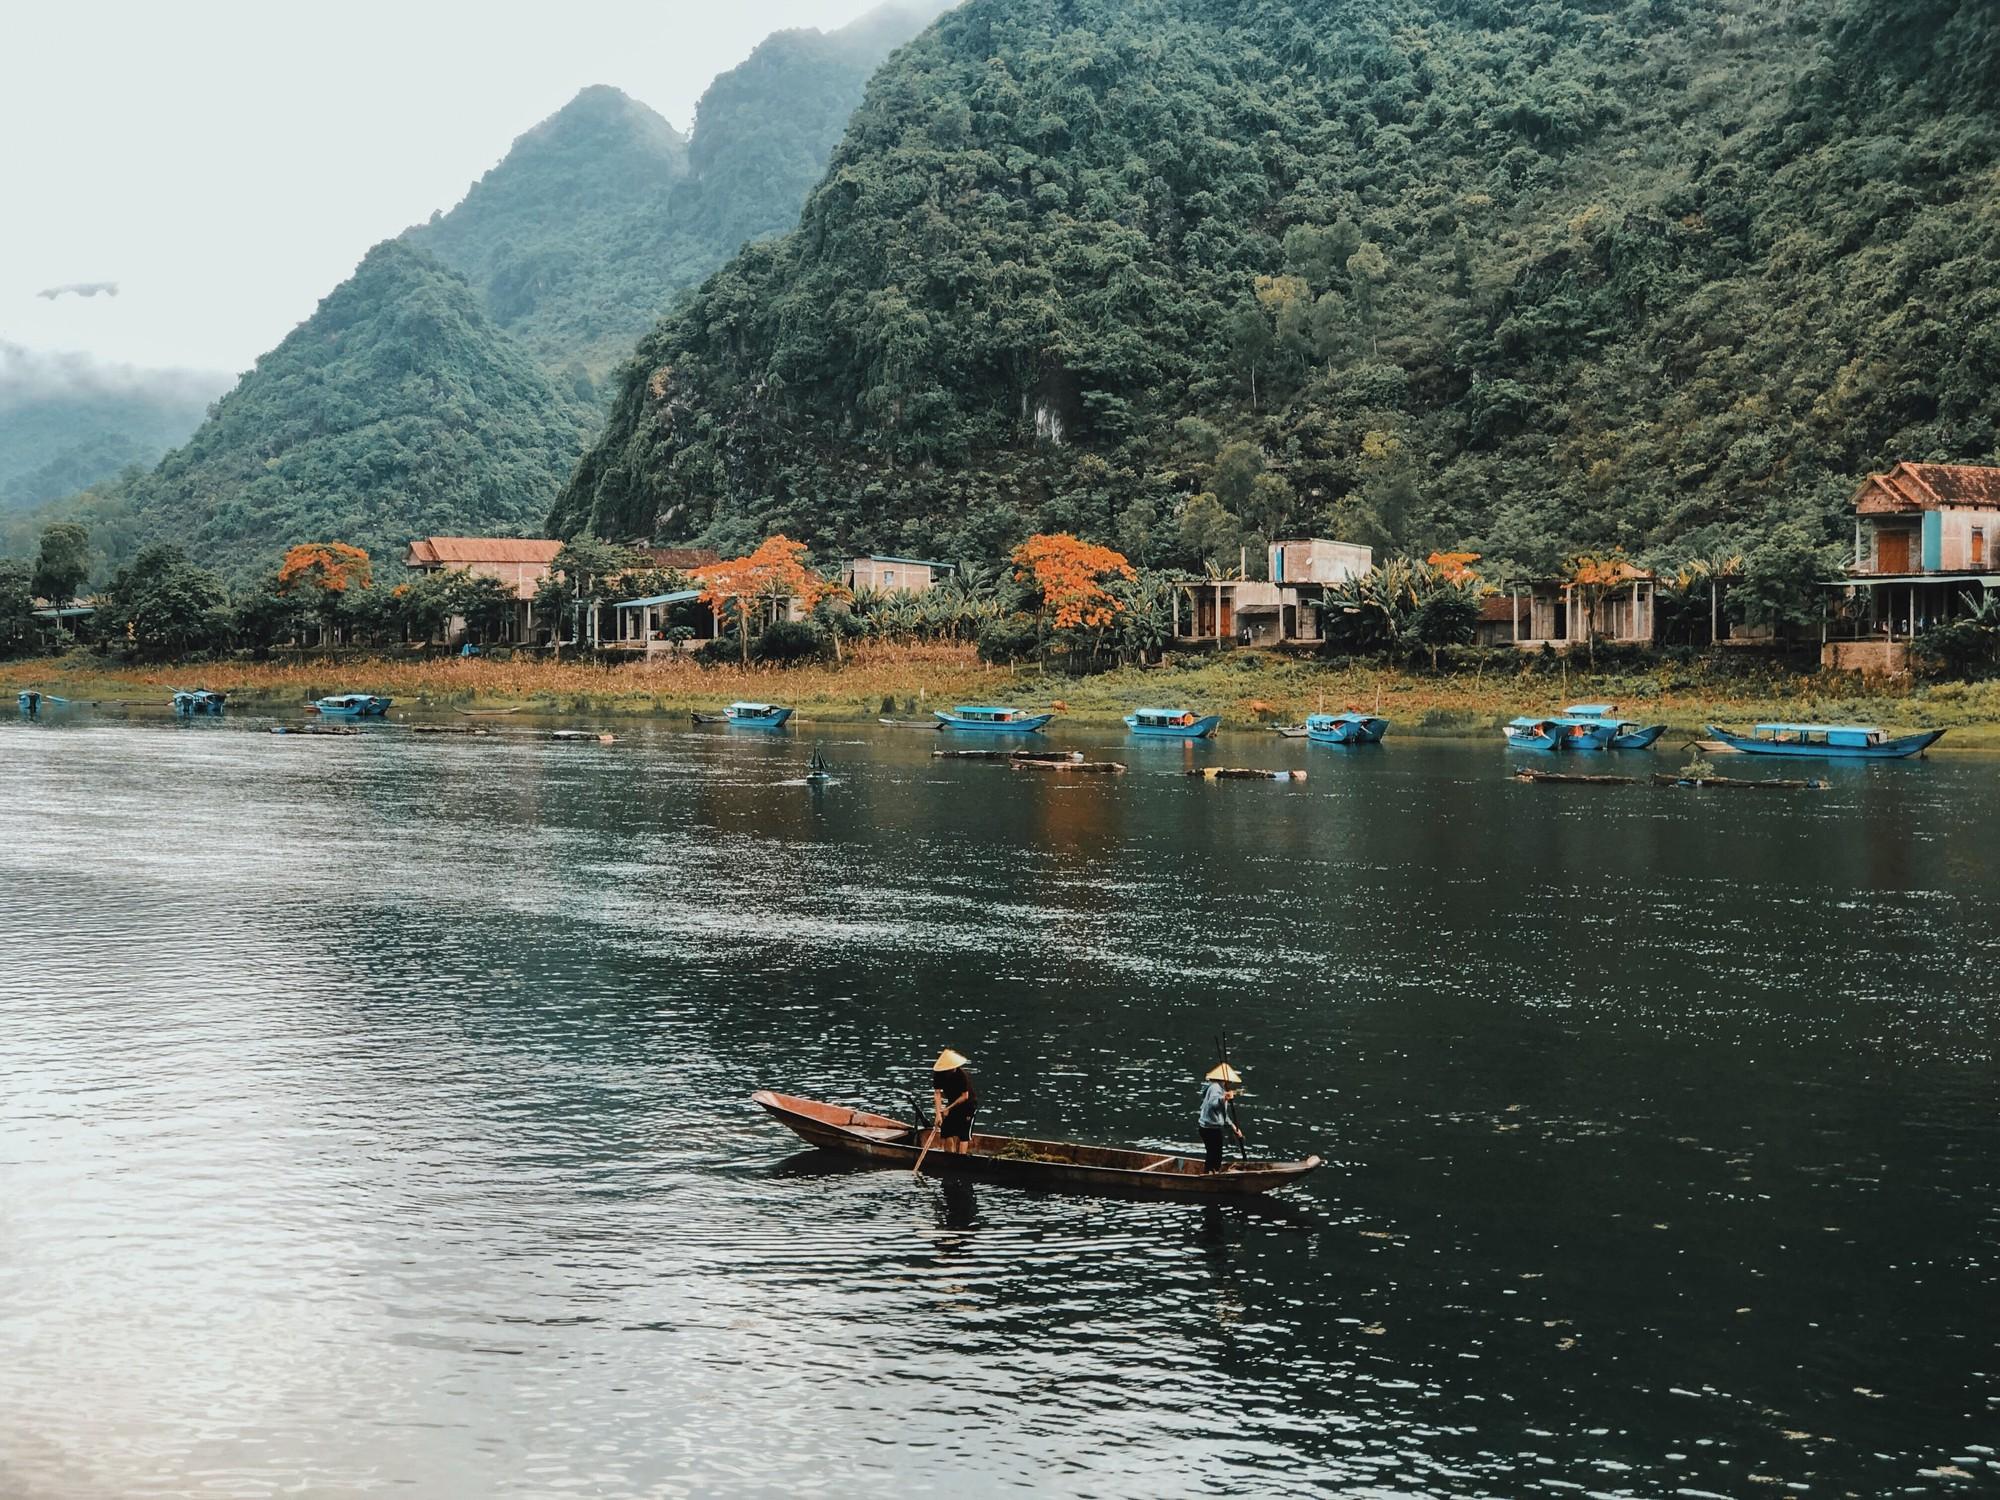 Hè rất gần rồi, chần chừ gì nữa mà không đến Quảng Bình để tâm hồn được chill hỡi các bạn trẻ ơi - Ảnh 3.